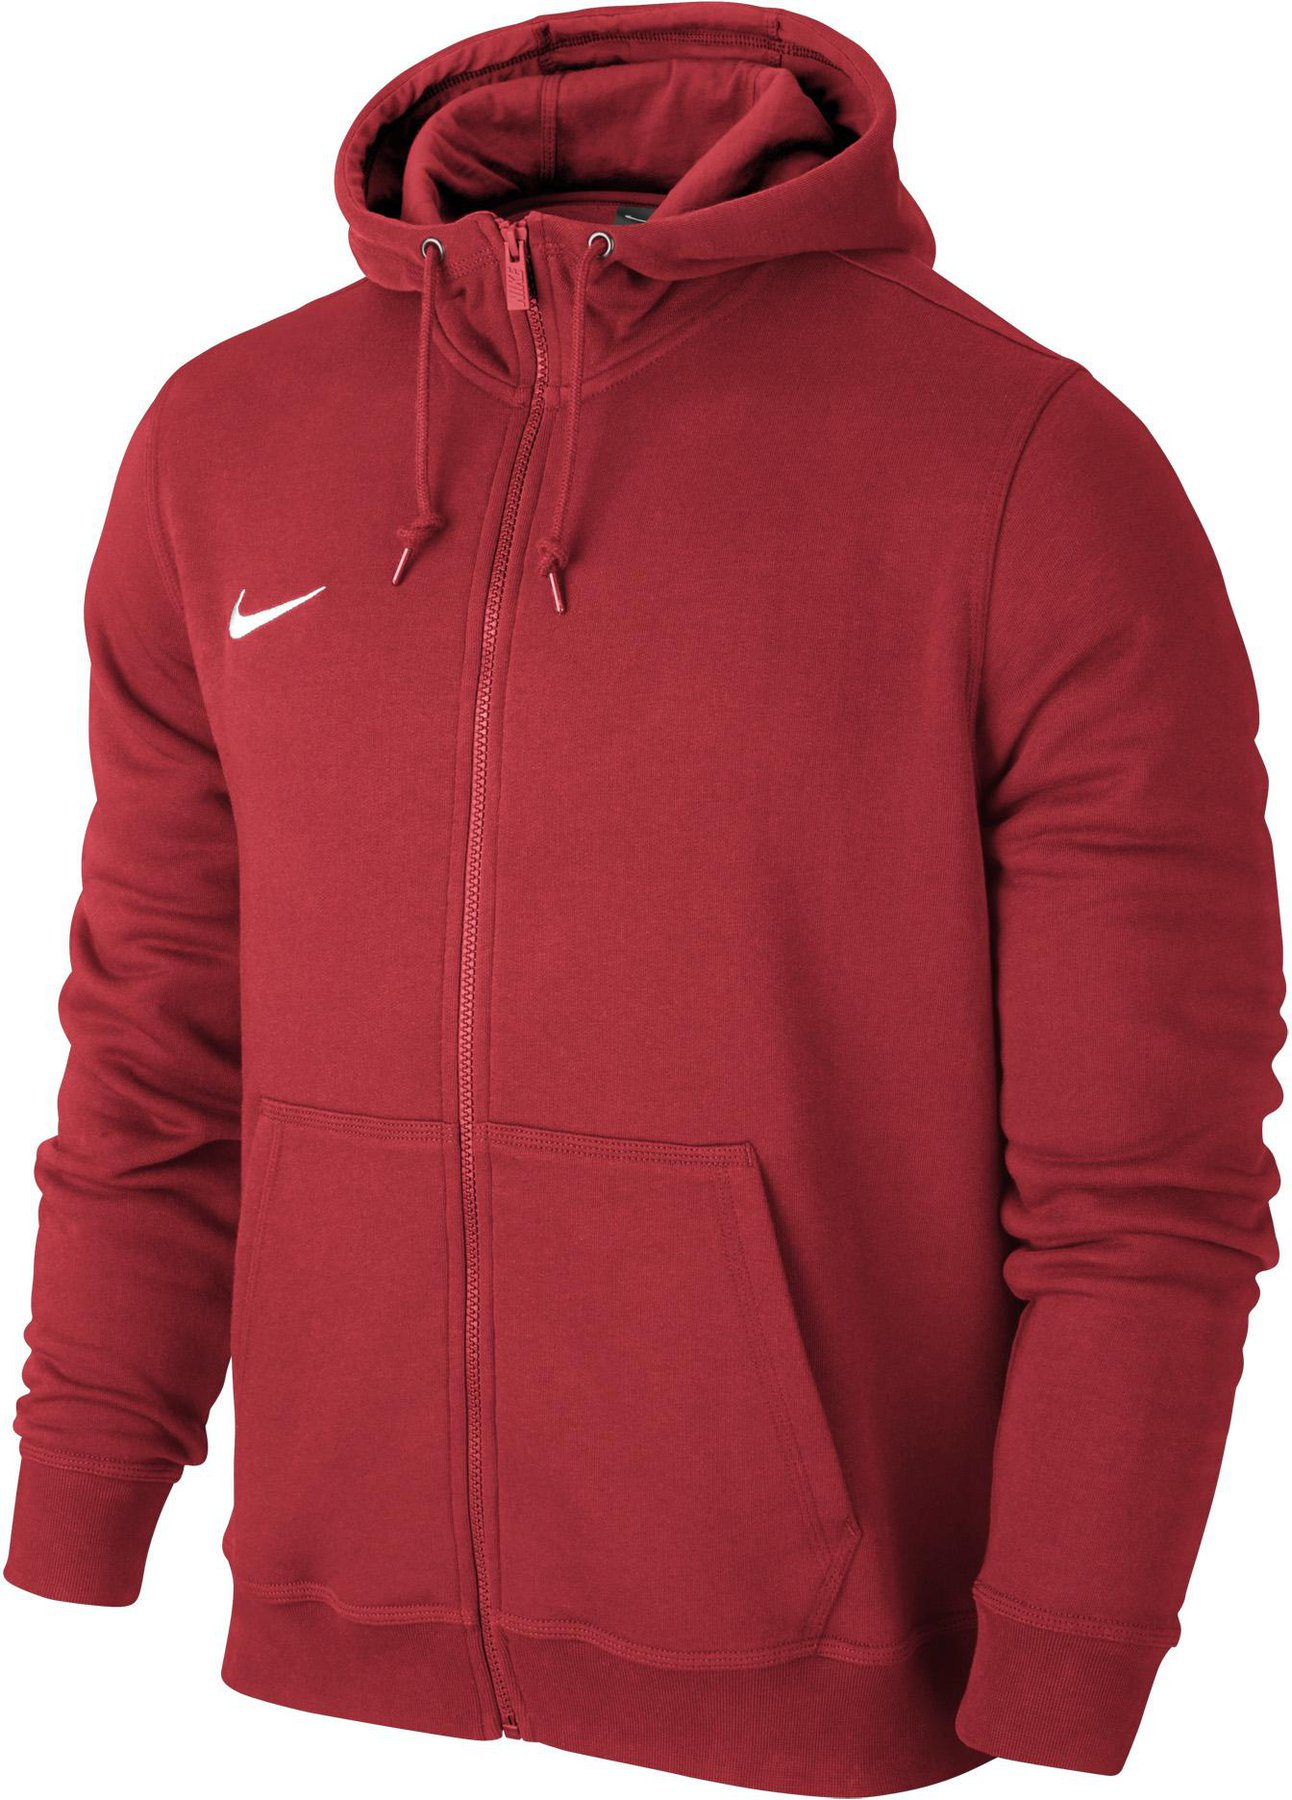 huge discount 96a7f 32dc8 Nike Sweatjacke Kinder